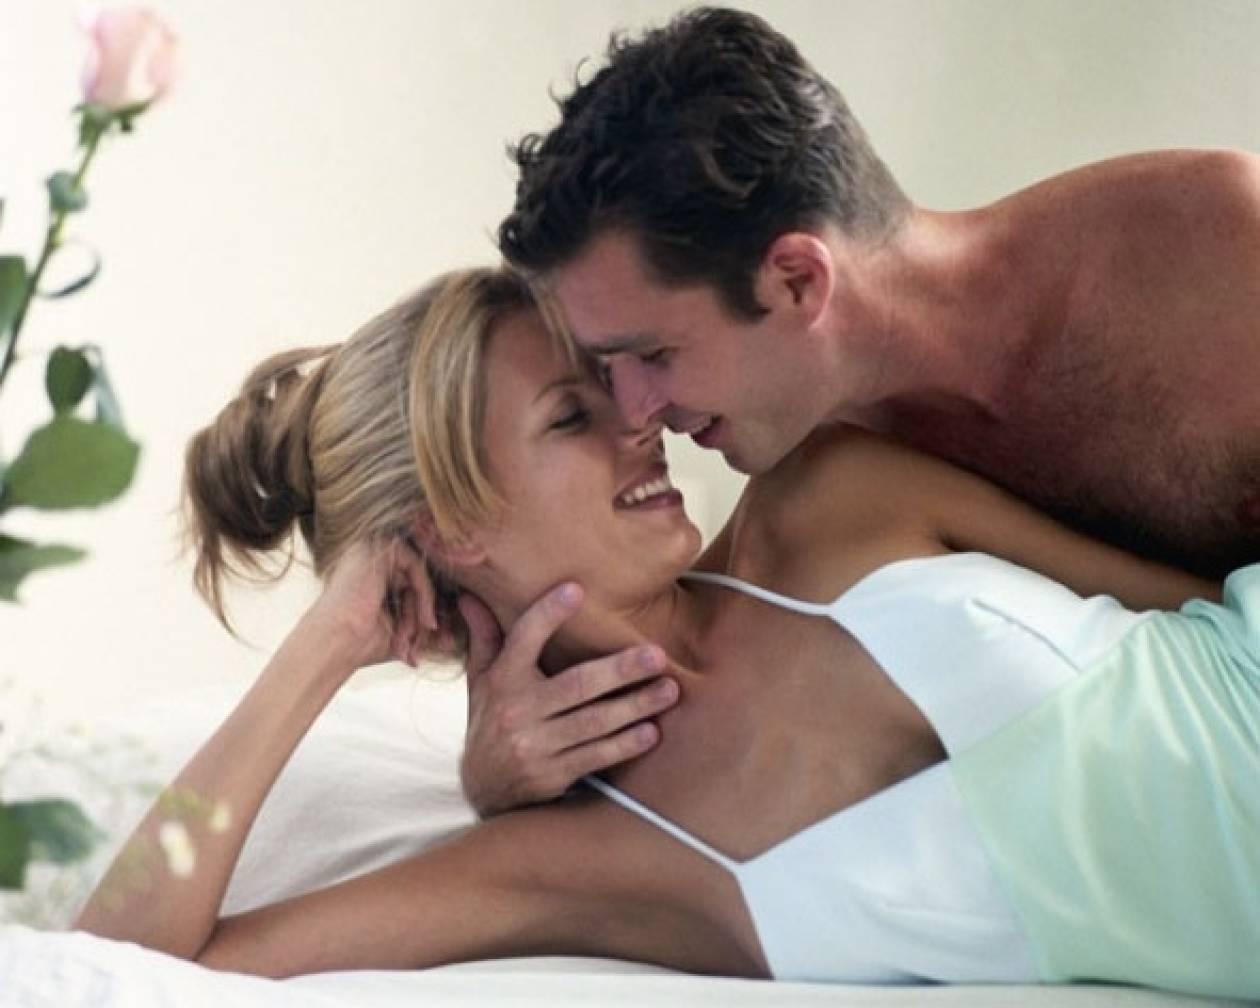 Θέλετε μια μακροχρόνια σχέση; Δείτε τι πρέπει να κάνετε